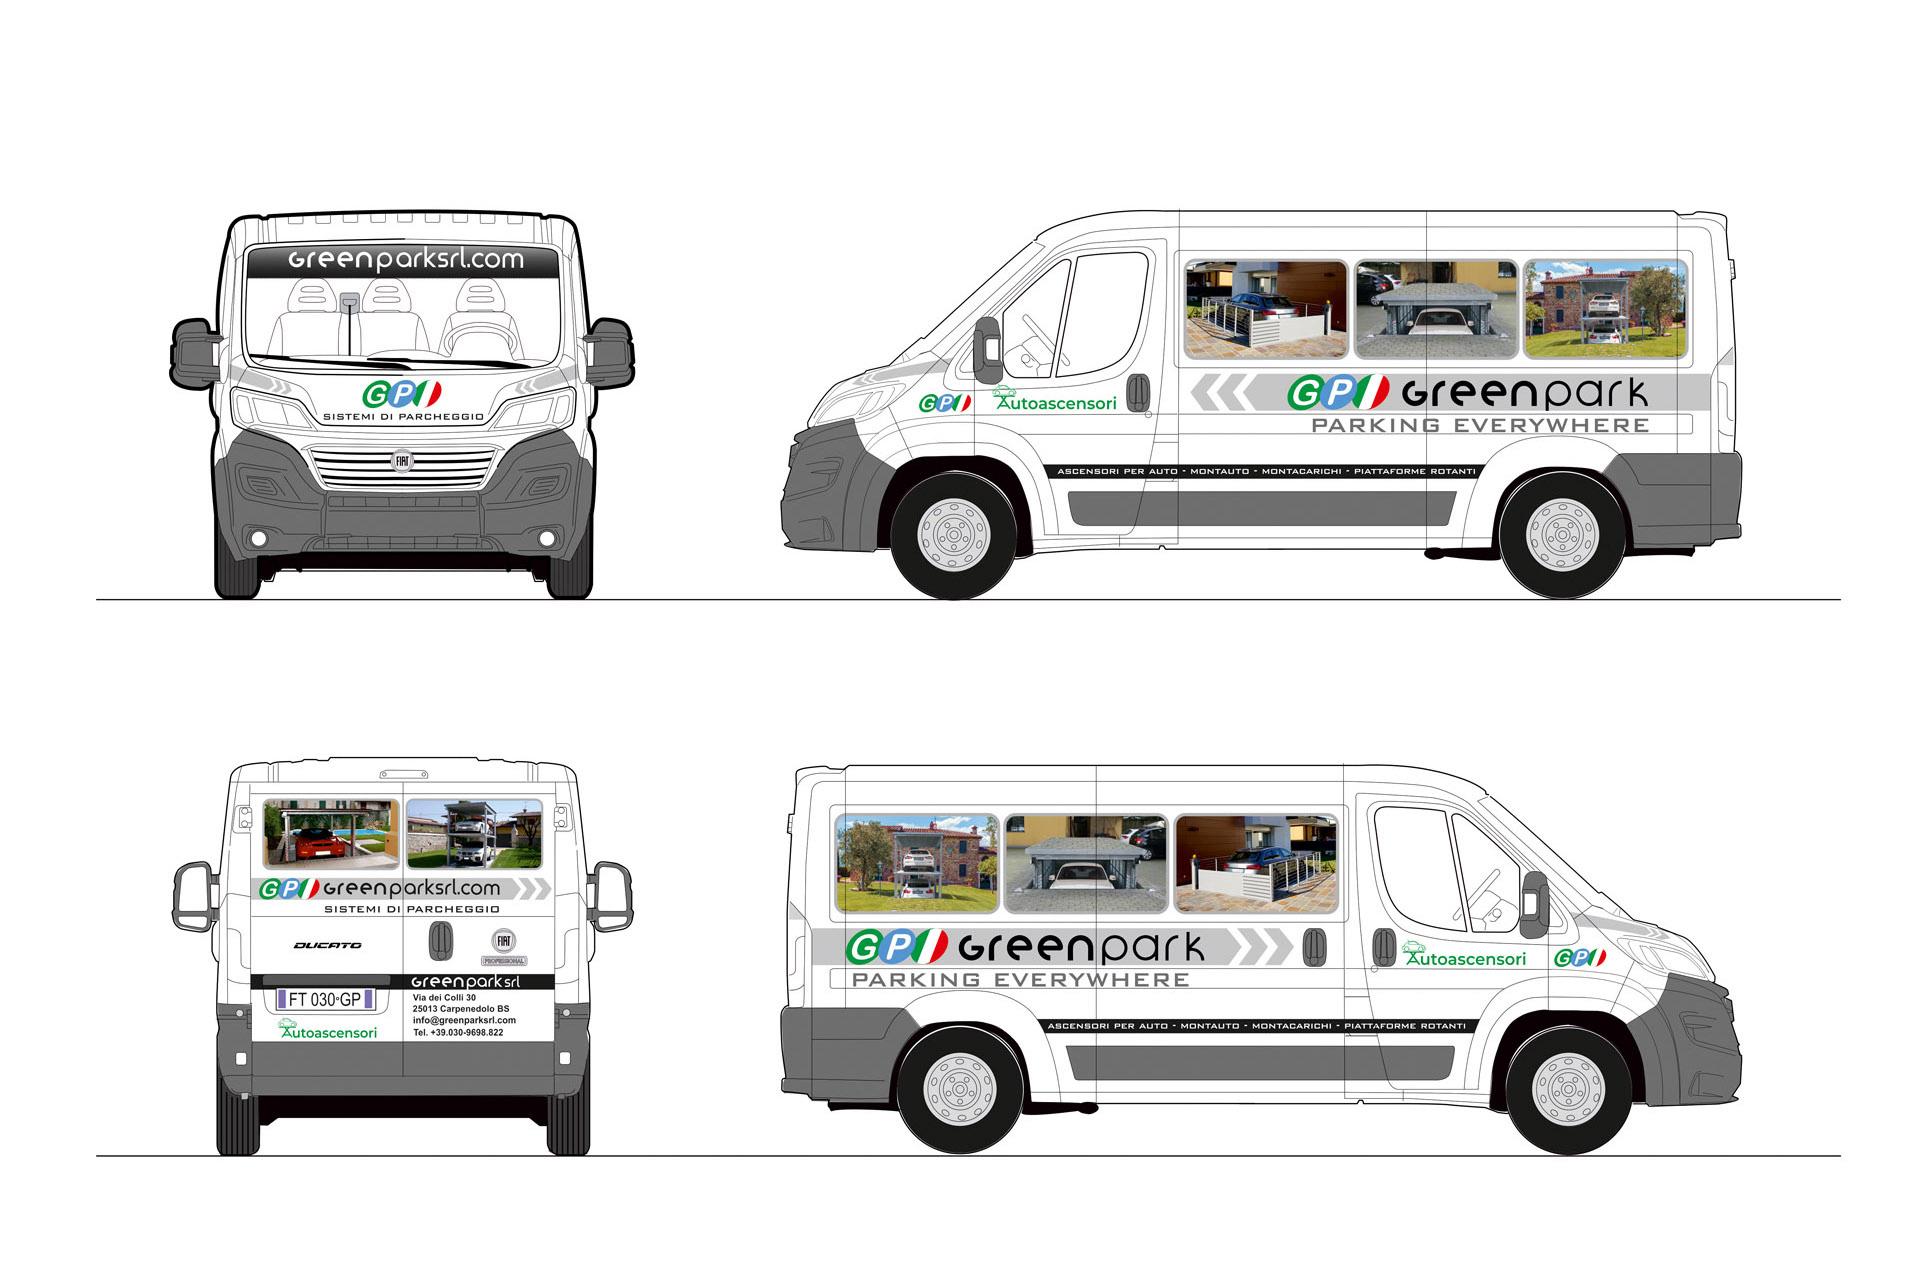 Casarotto Design grafica adesivi decalcomanie automezzi aziendali castiglione delle stiviere mantova brescia camion green park-01-